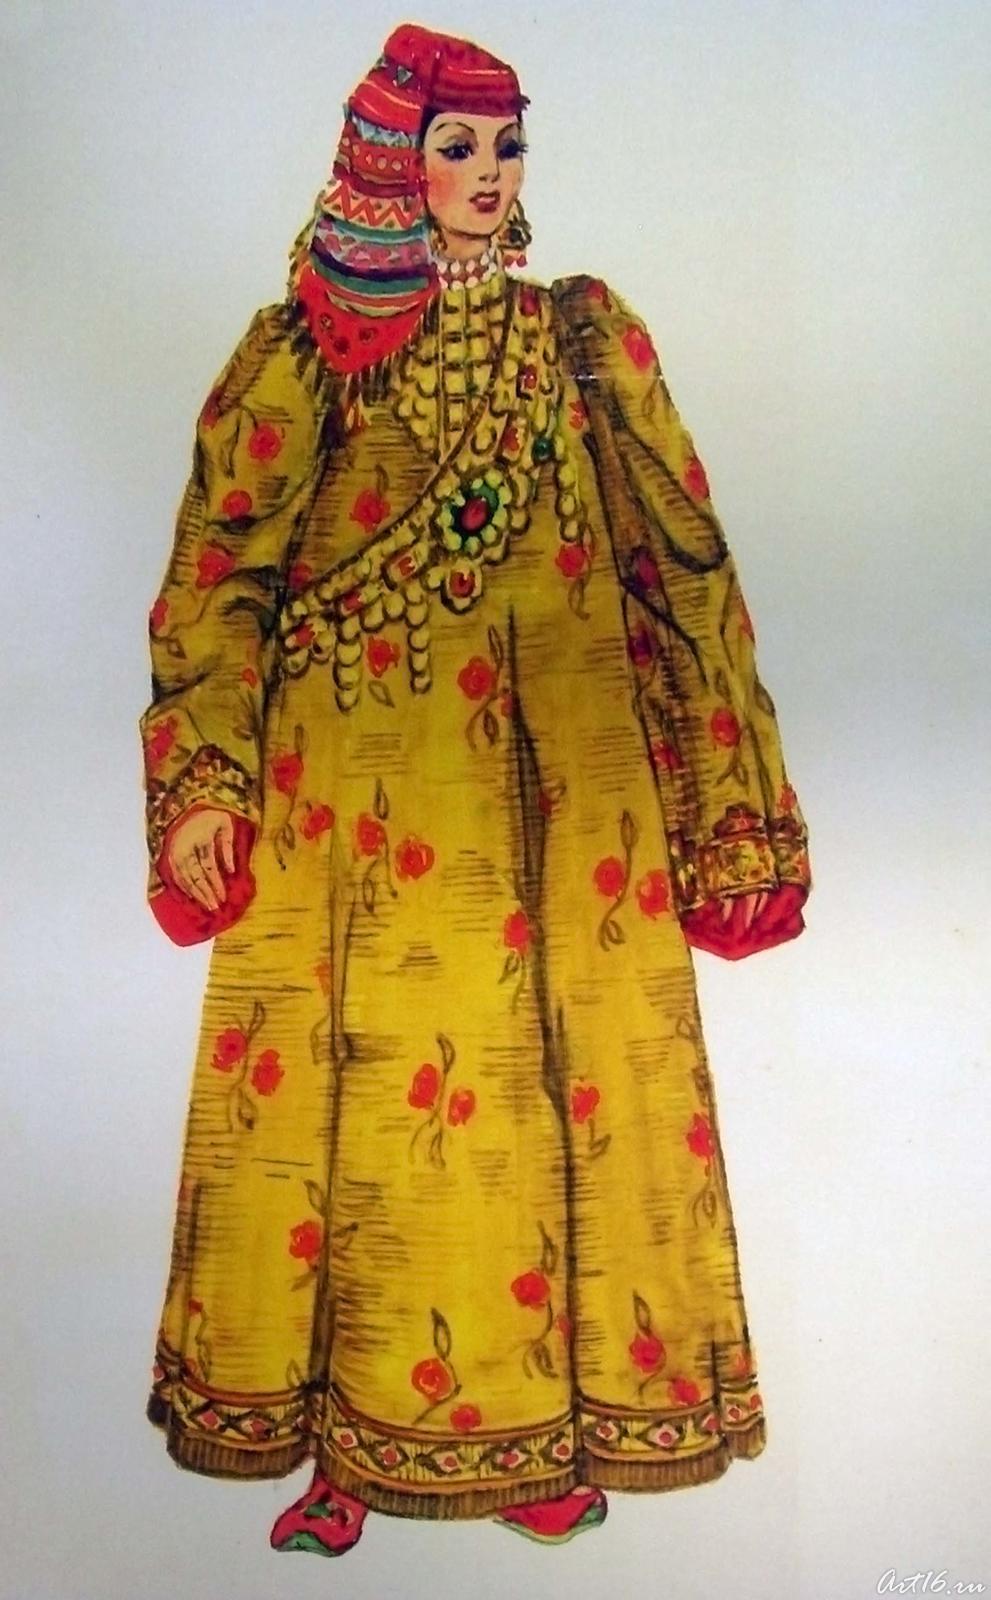 Фото №17597. Эскиз к альбому ''Костюм казанских татар''. 1970-1972